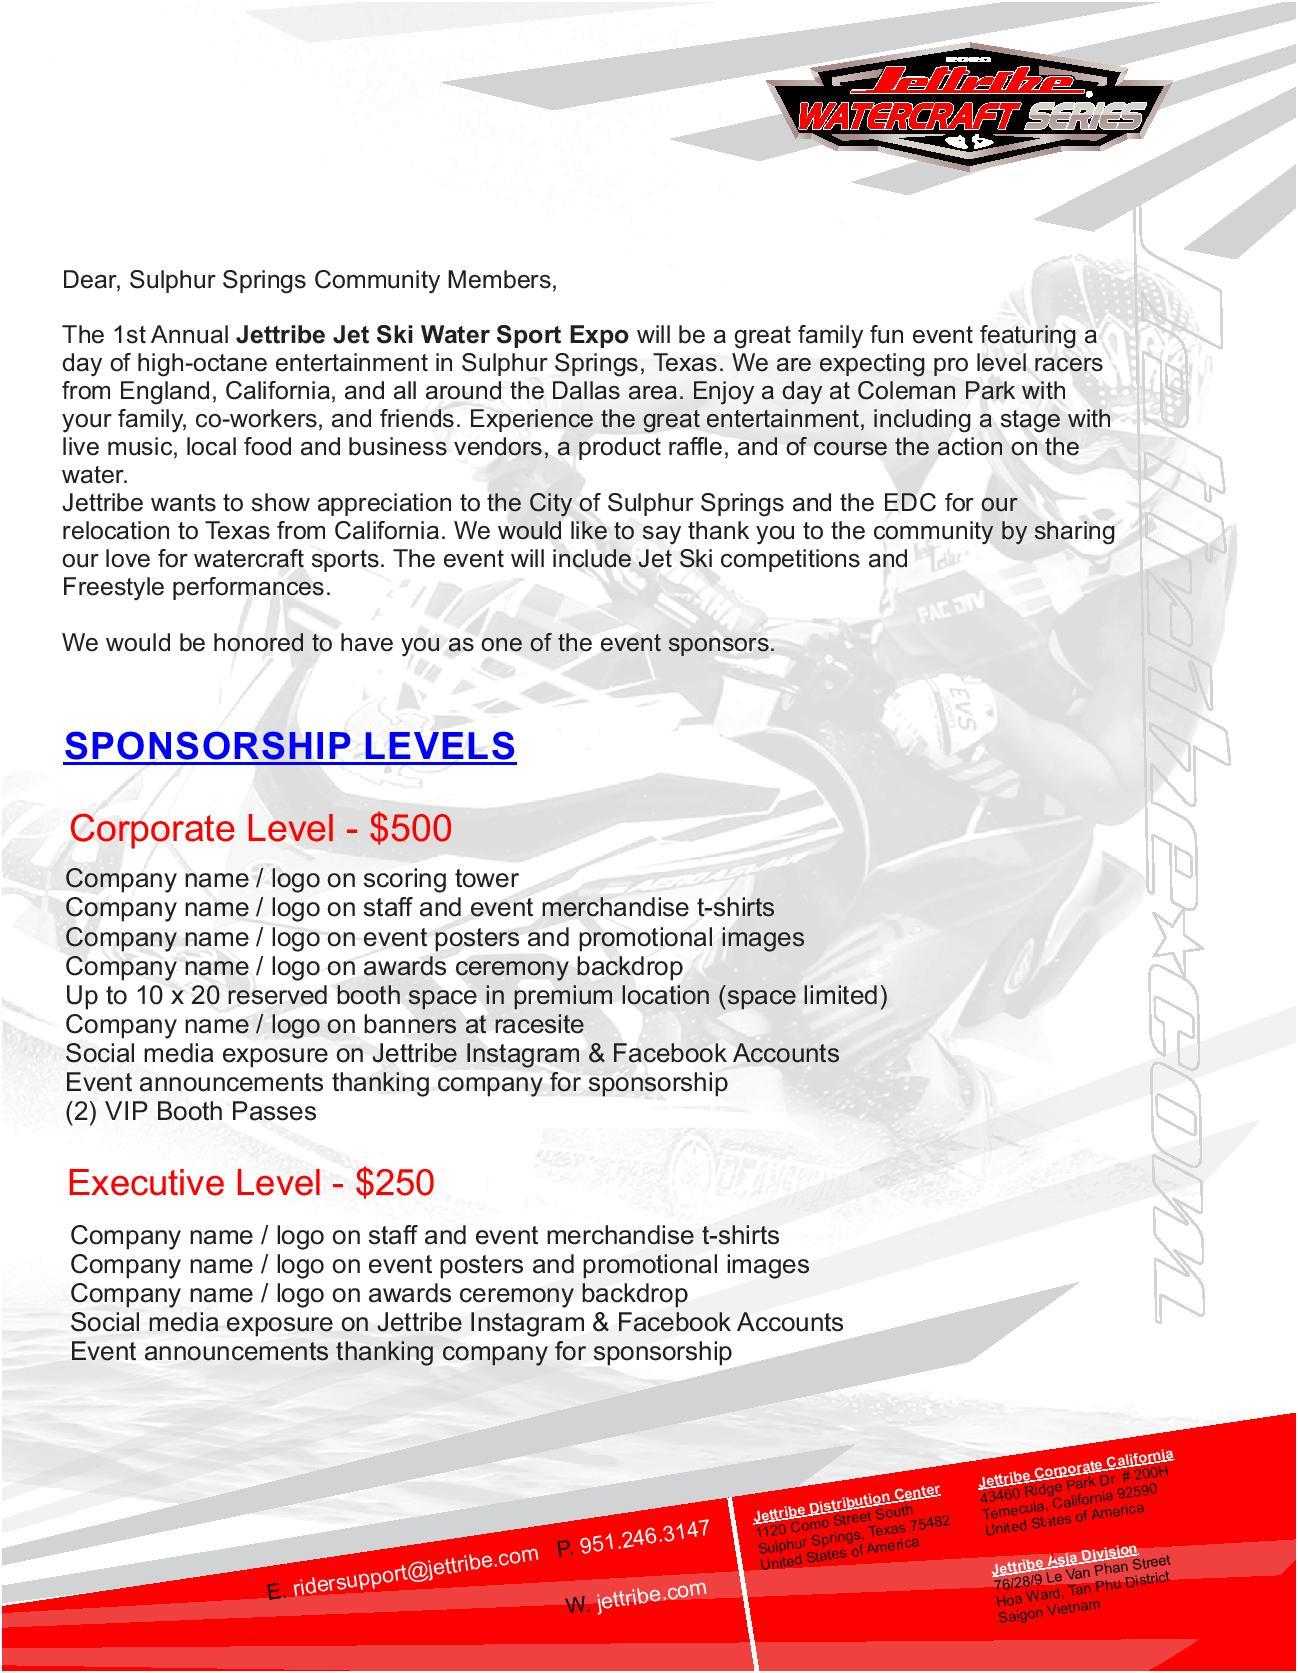 sponsorship-mailer-front-printing-page-001.jpg